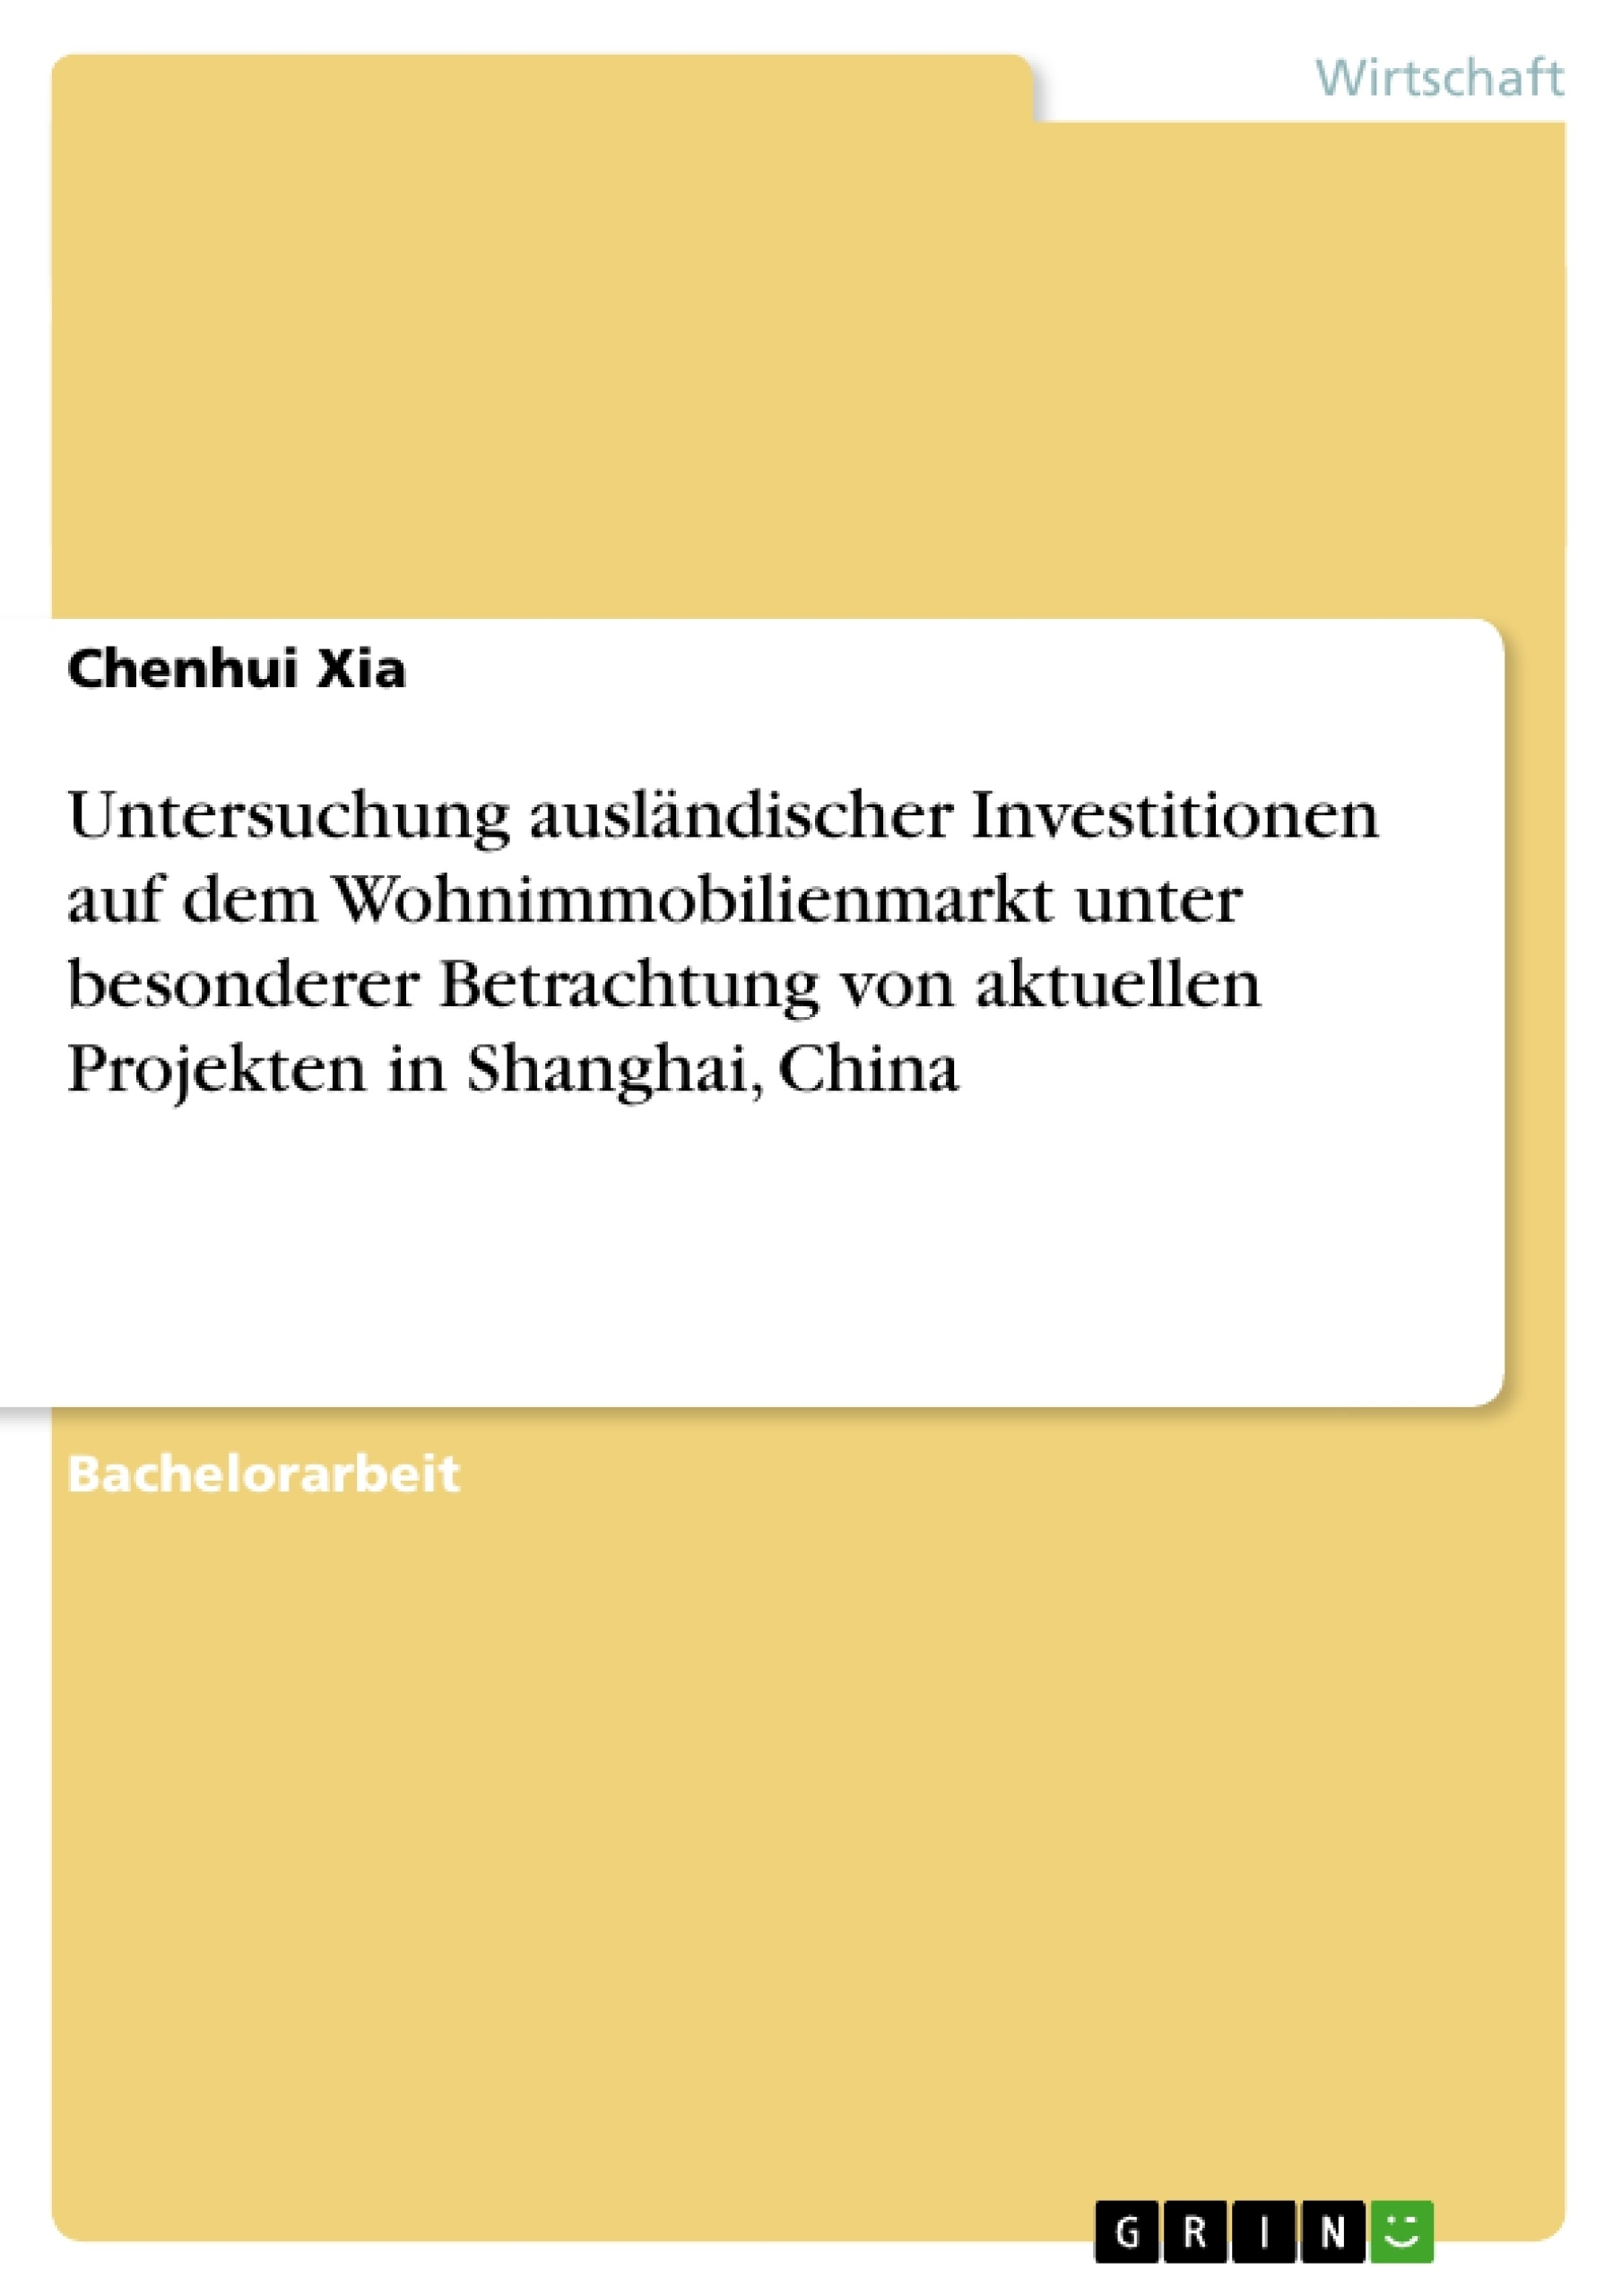 Titel: Untersuchung ausländischer Investitionen auf dem Wohnimmobilienmarkt unter besonderer Betrachtung von aktuellen Projekten in Shanghai, China